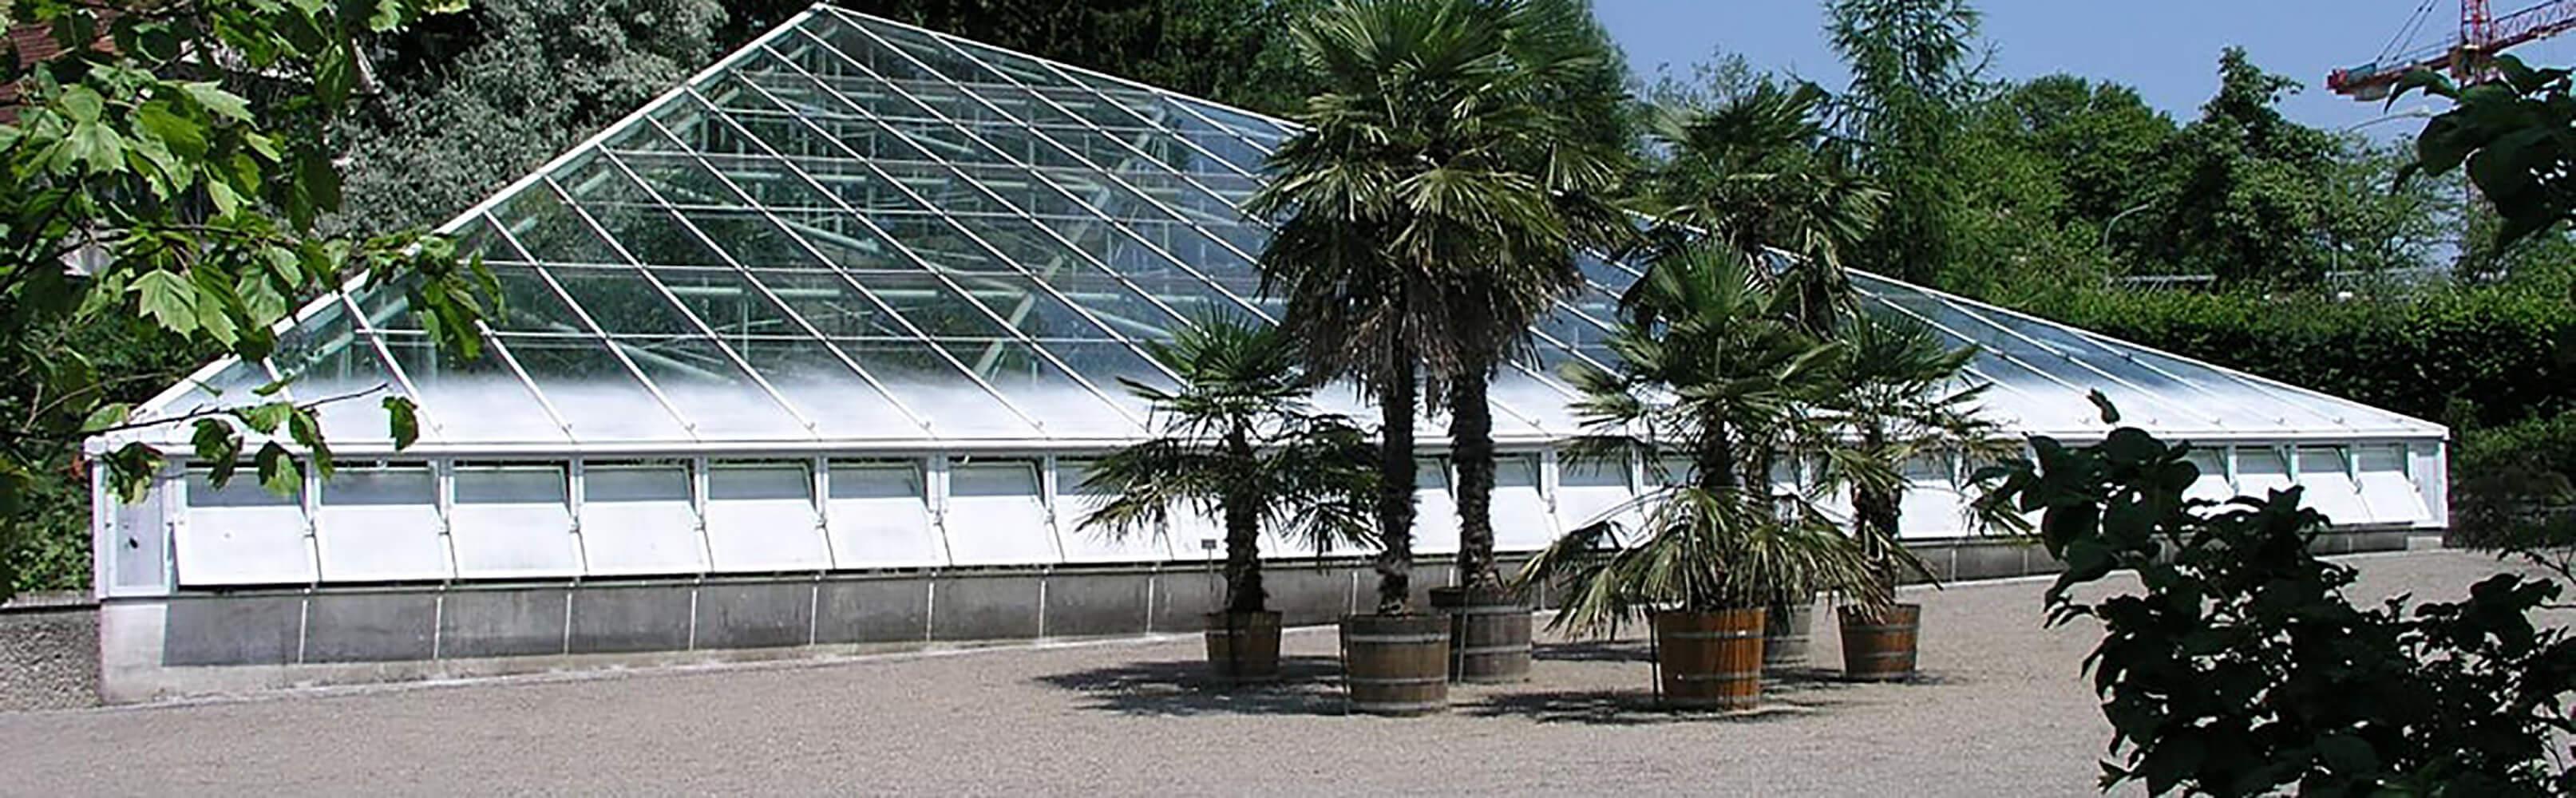 Botanischer Garten St. Gallen 1